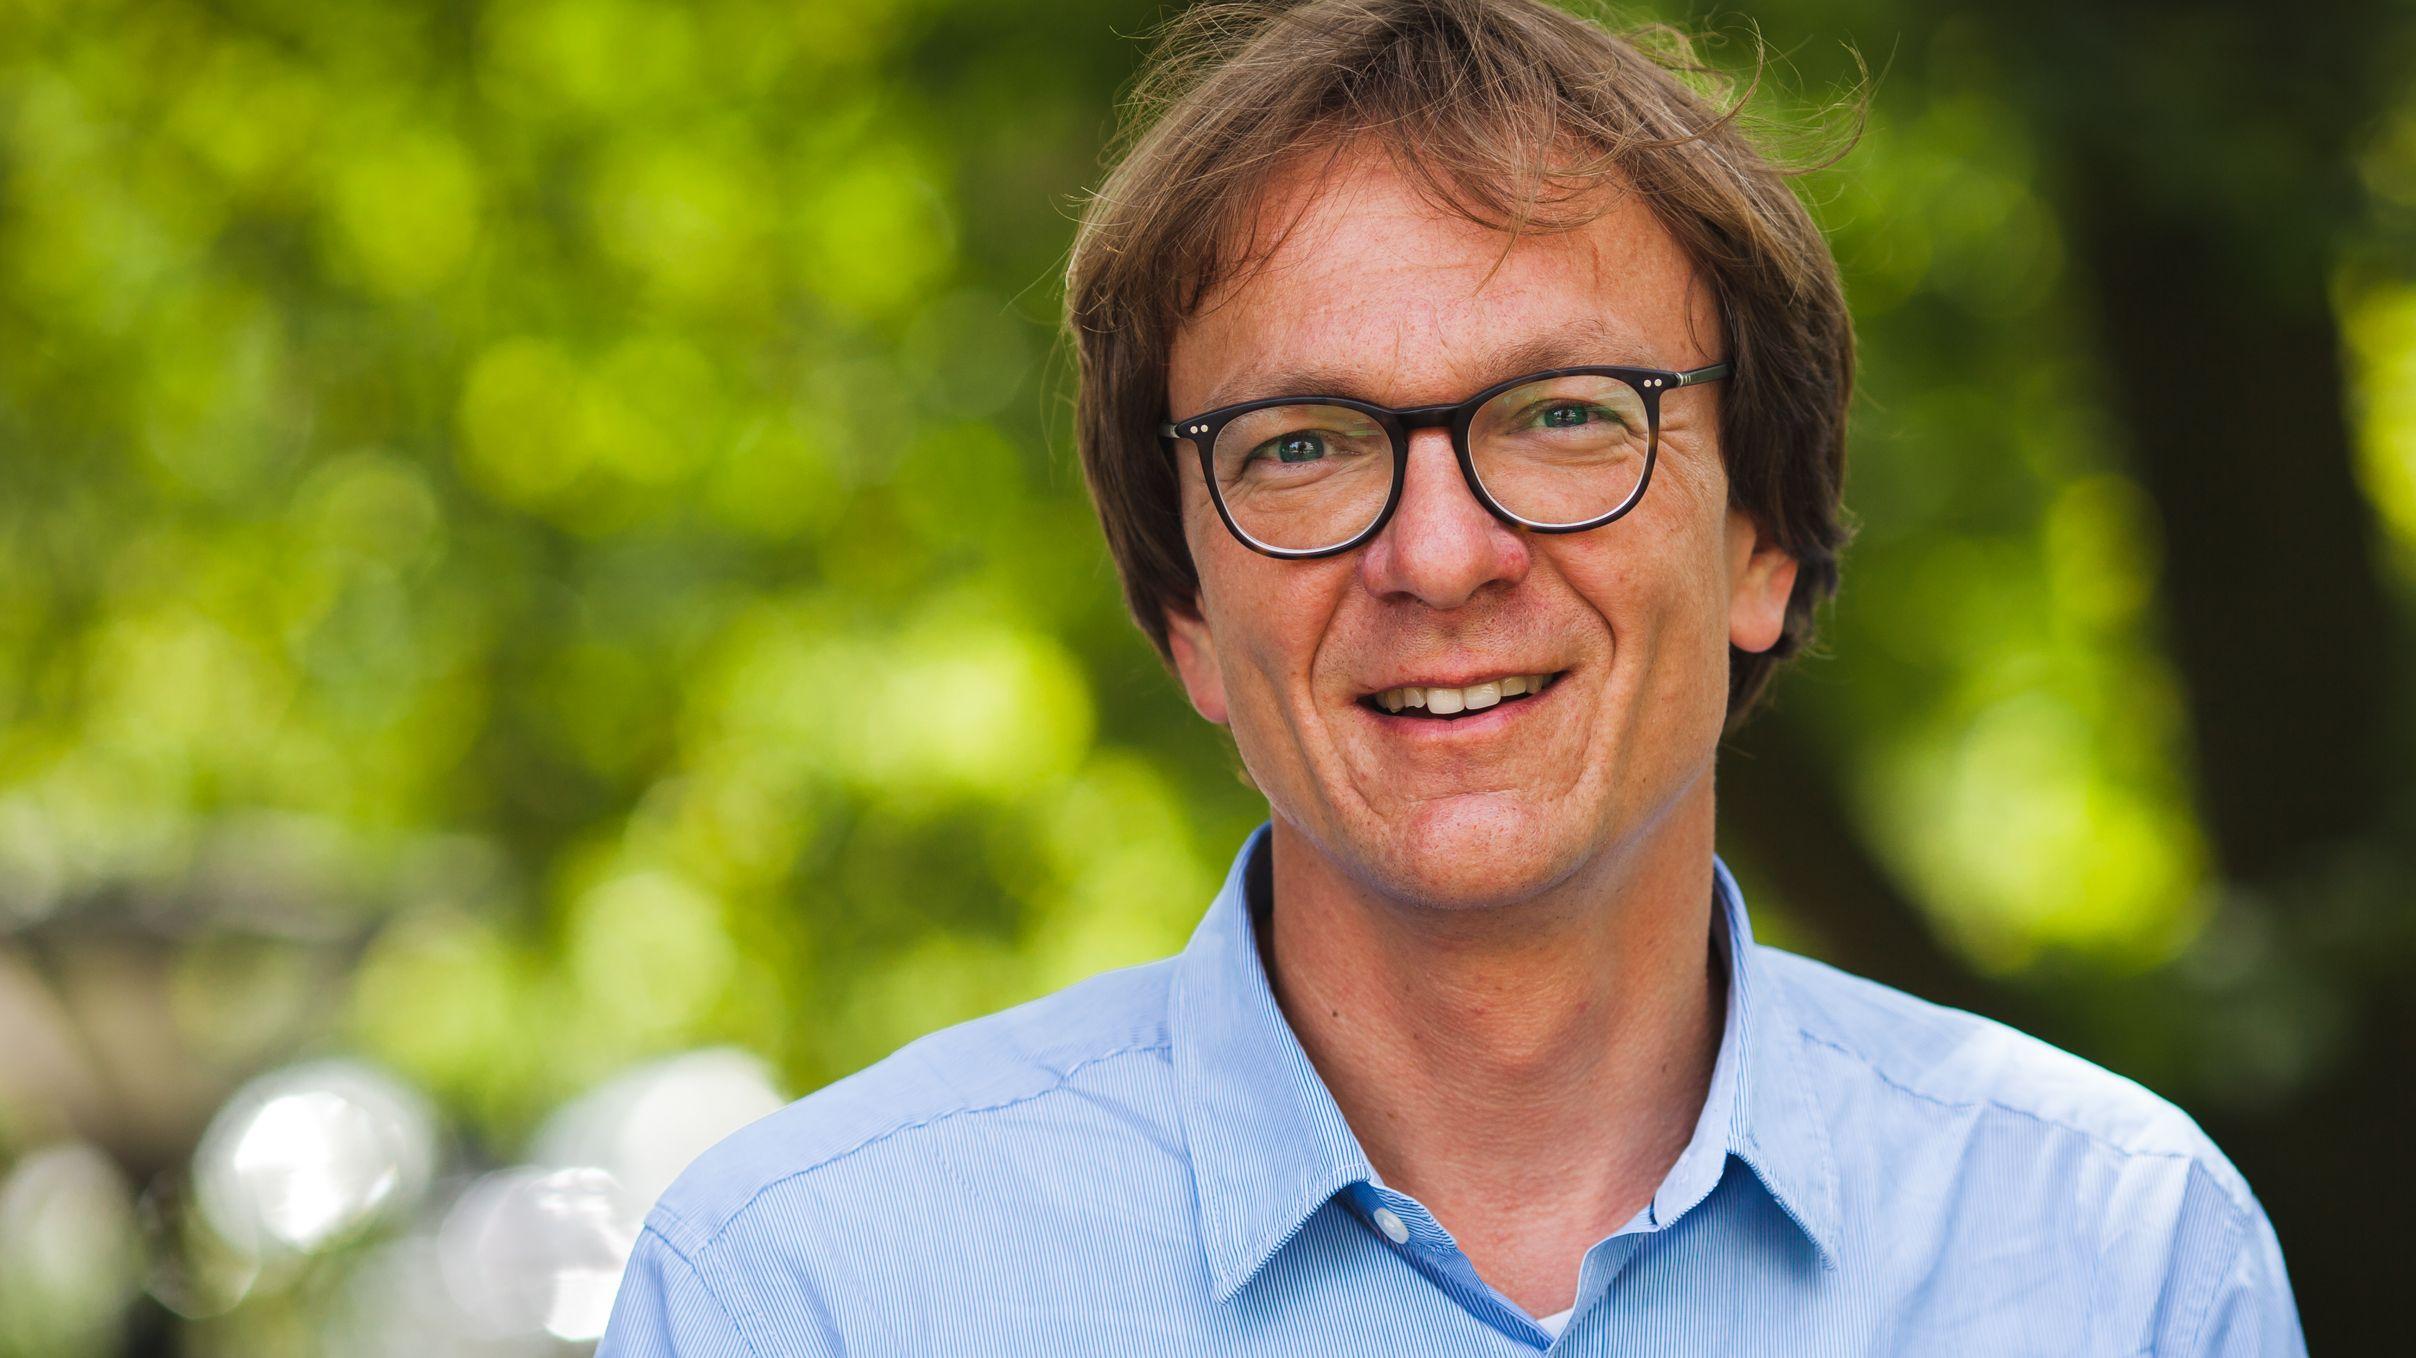 Holger Wormer vom Lehrstuhl für Wissenschaftsjournalismus an der TU Dortmund lächelt in die Kamera.